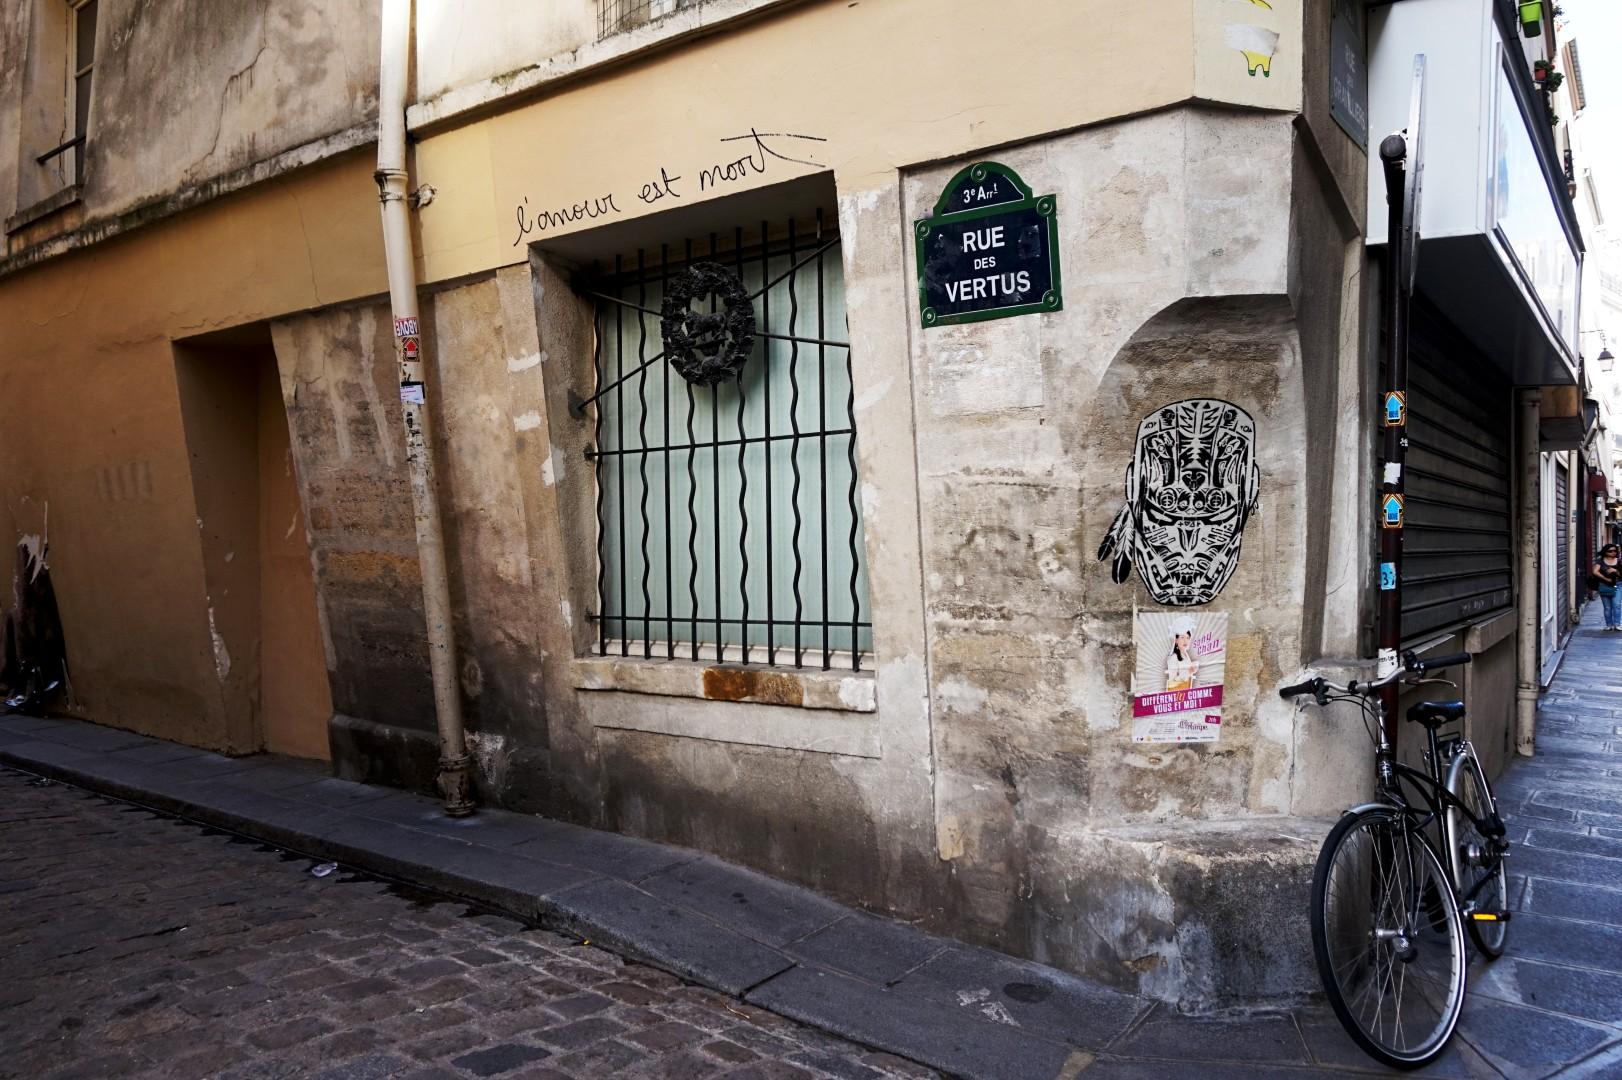 Balade dans le quartier Arts et Métier (3e) - rue des Vertus